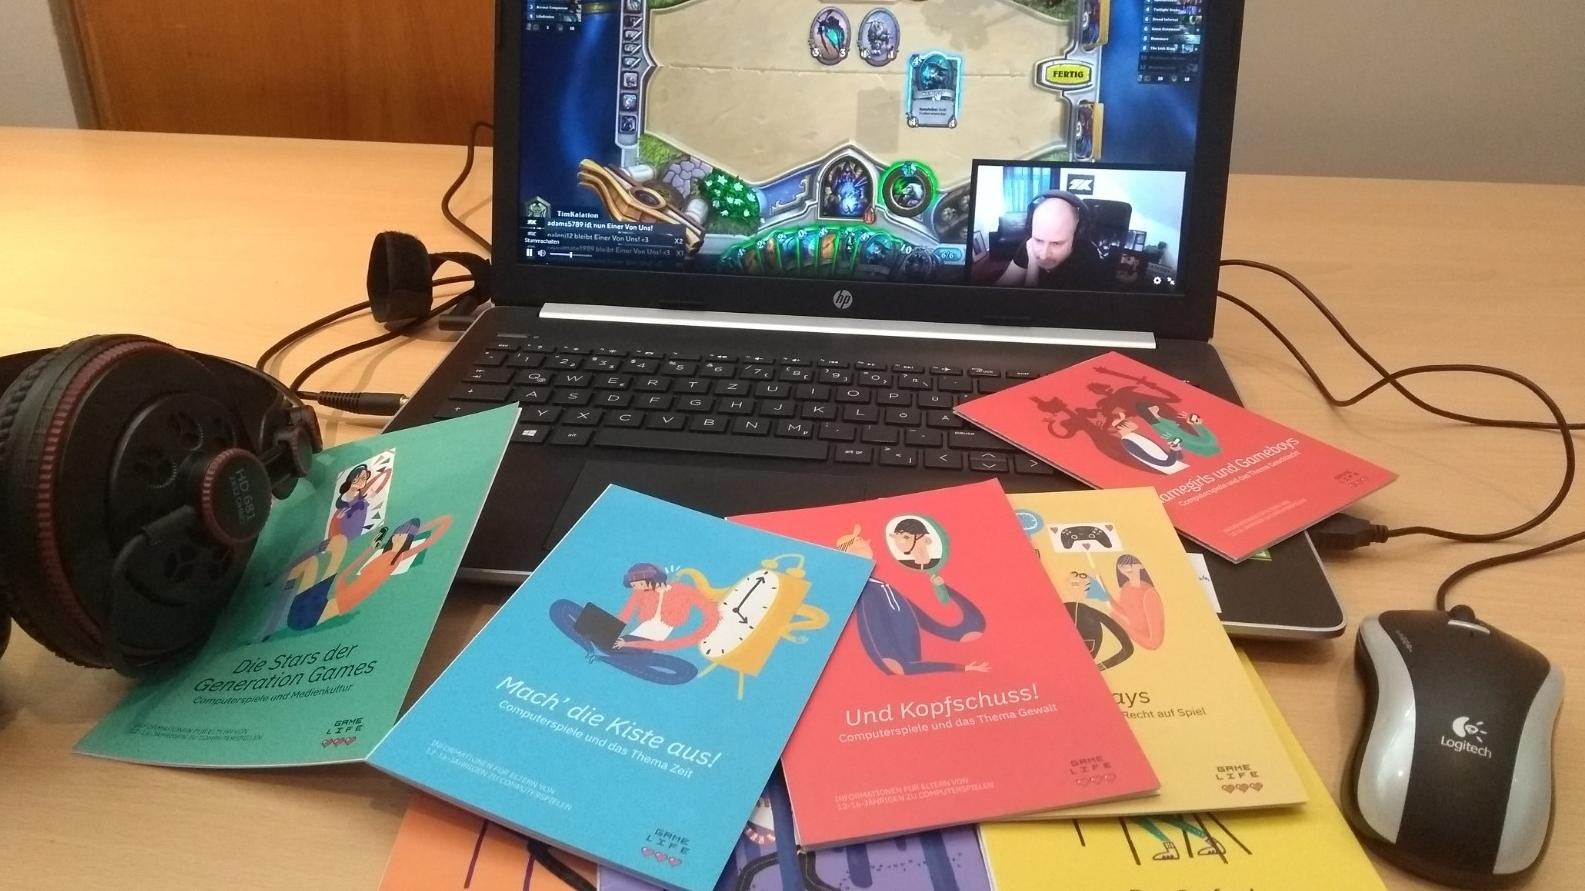 Neue Eltern-Informationsflyer zu Computerspielen des Bayerischen Familienministeriums